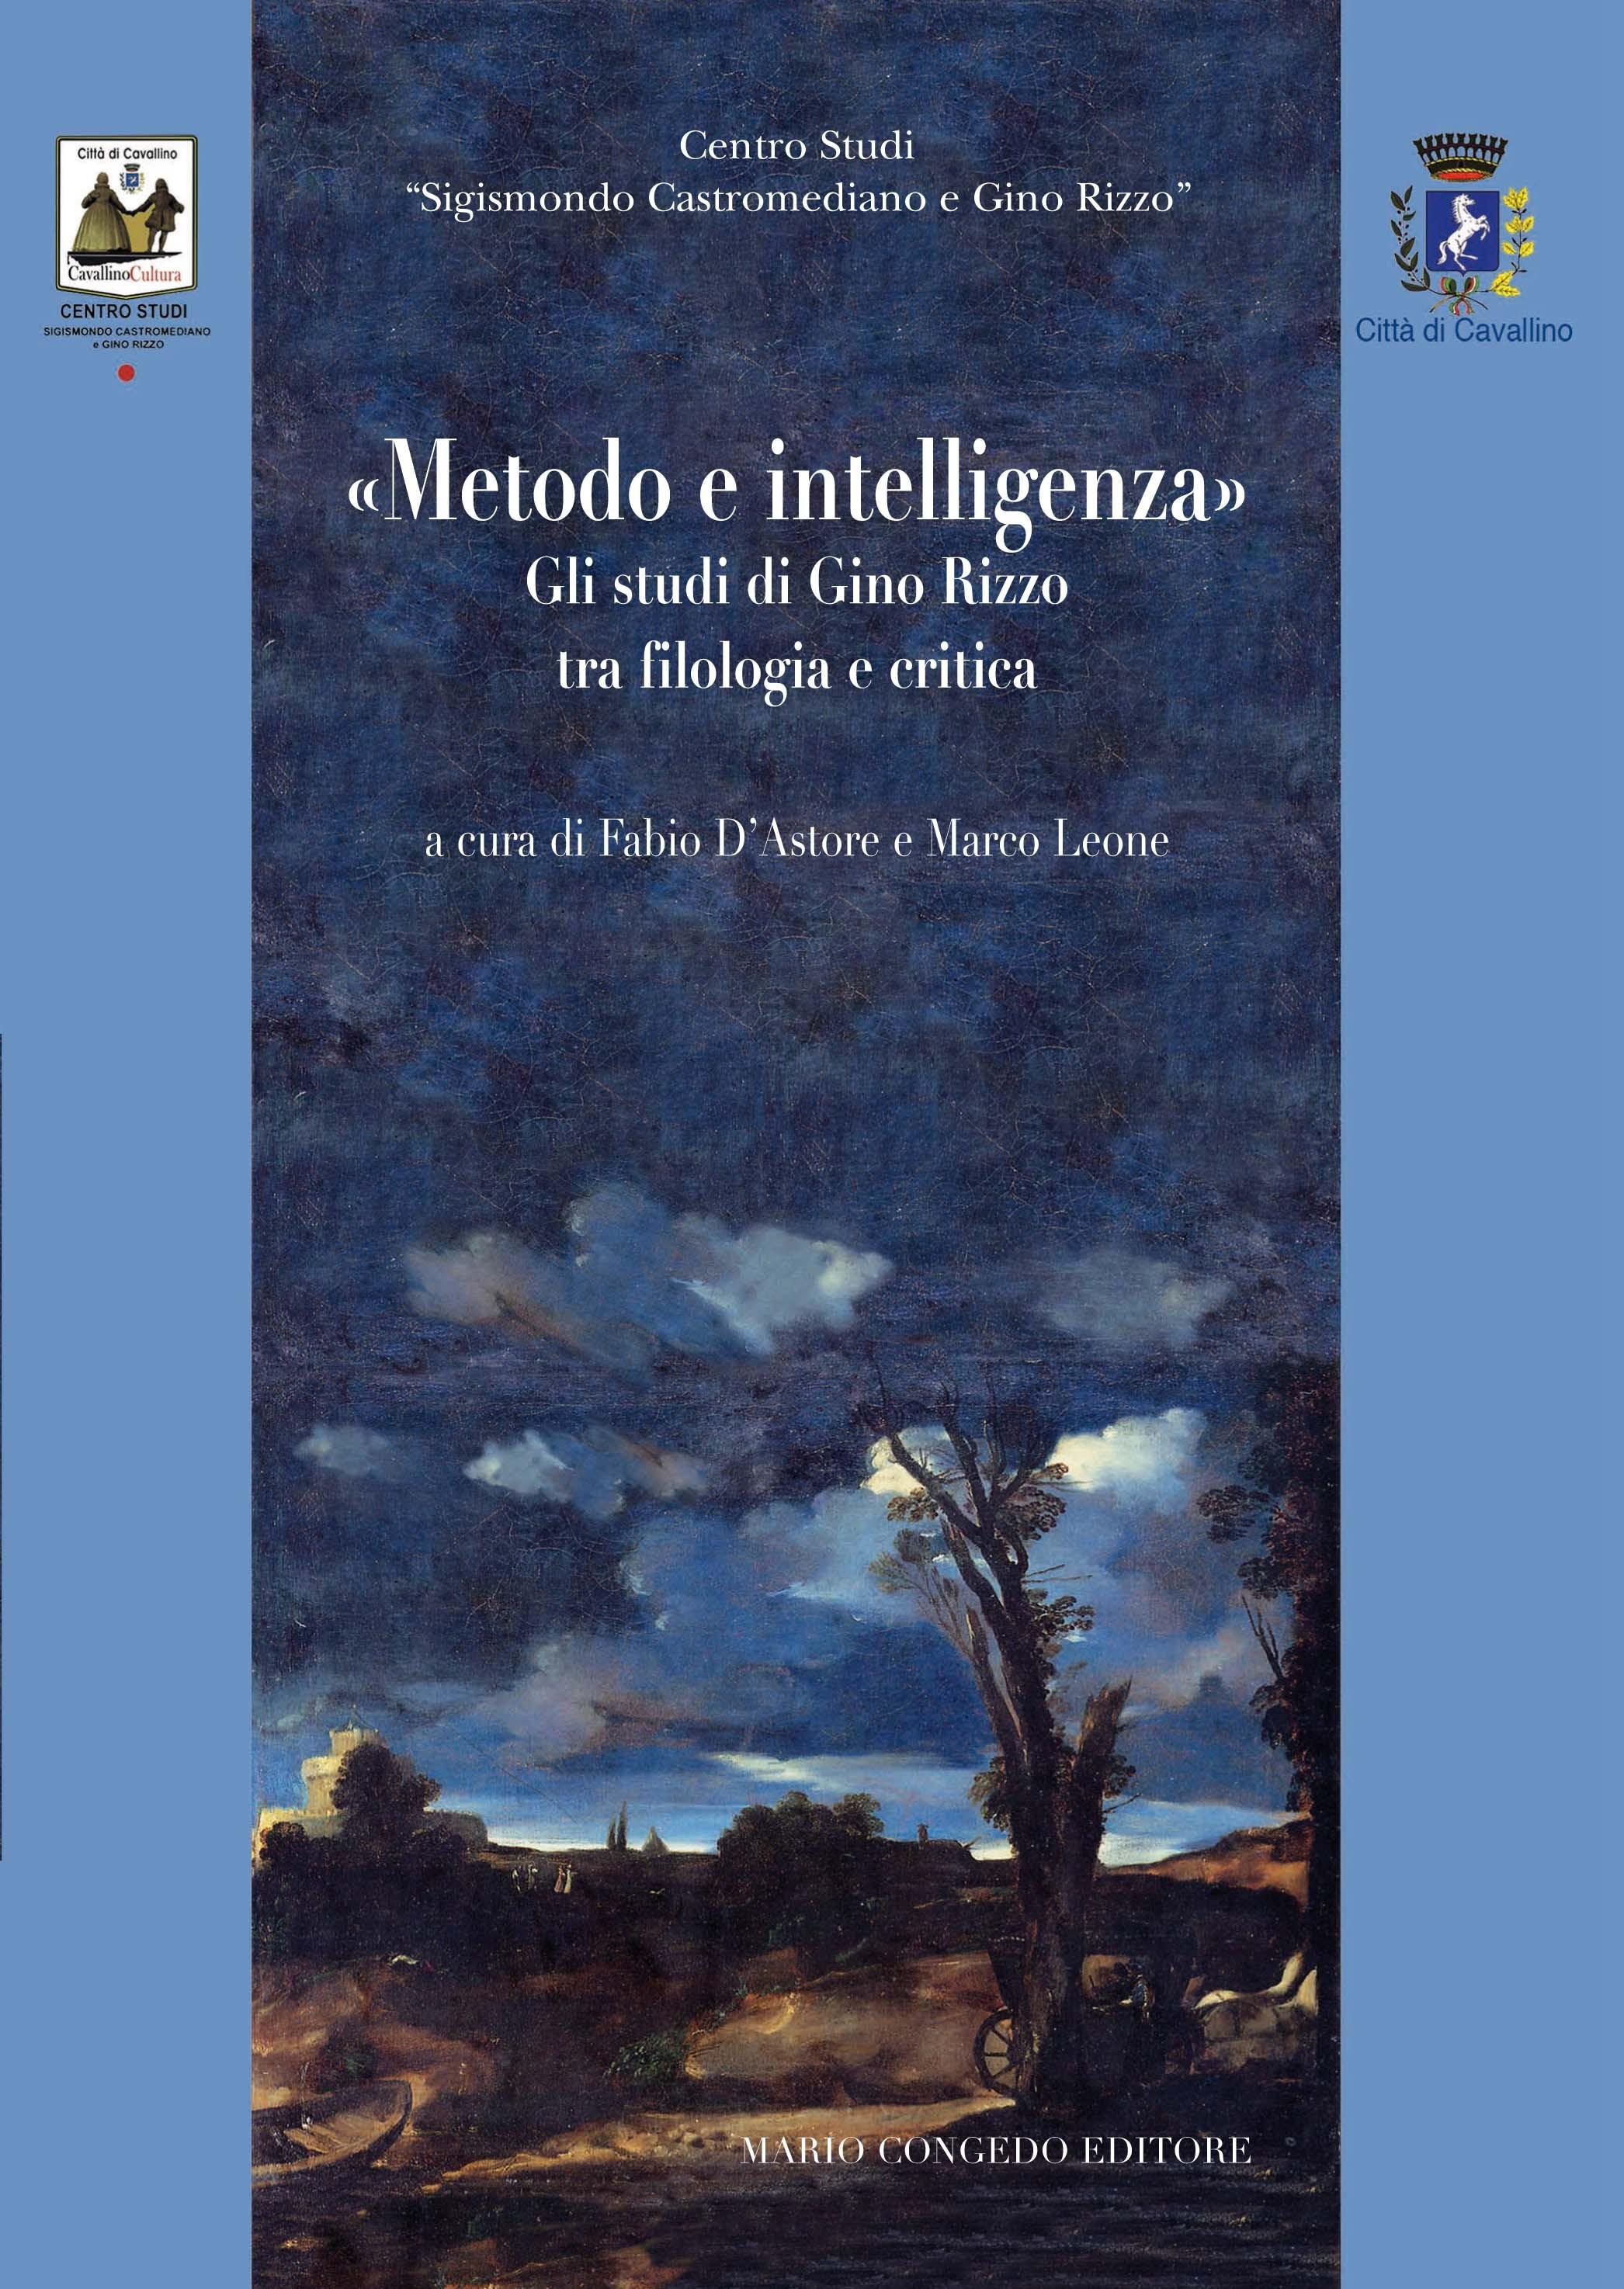 «Metodo e intelligenza». Gli studi di Gino Rizzo tra filologia e critica